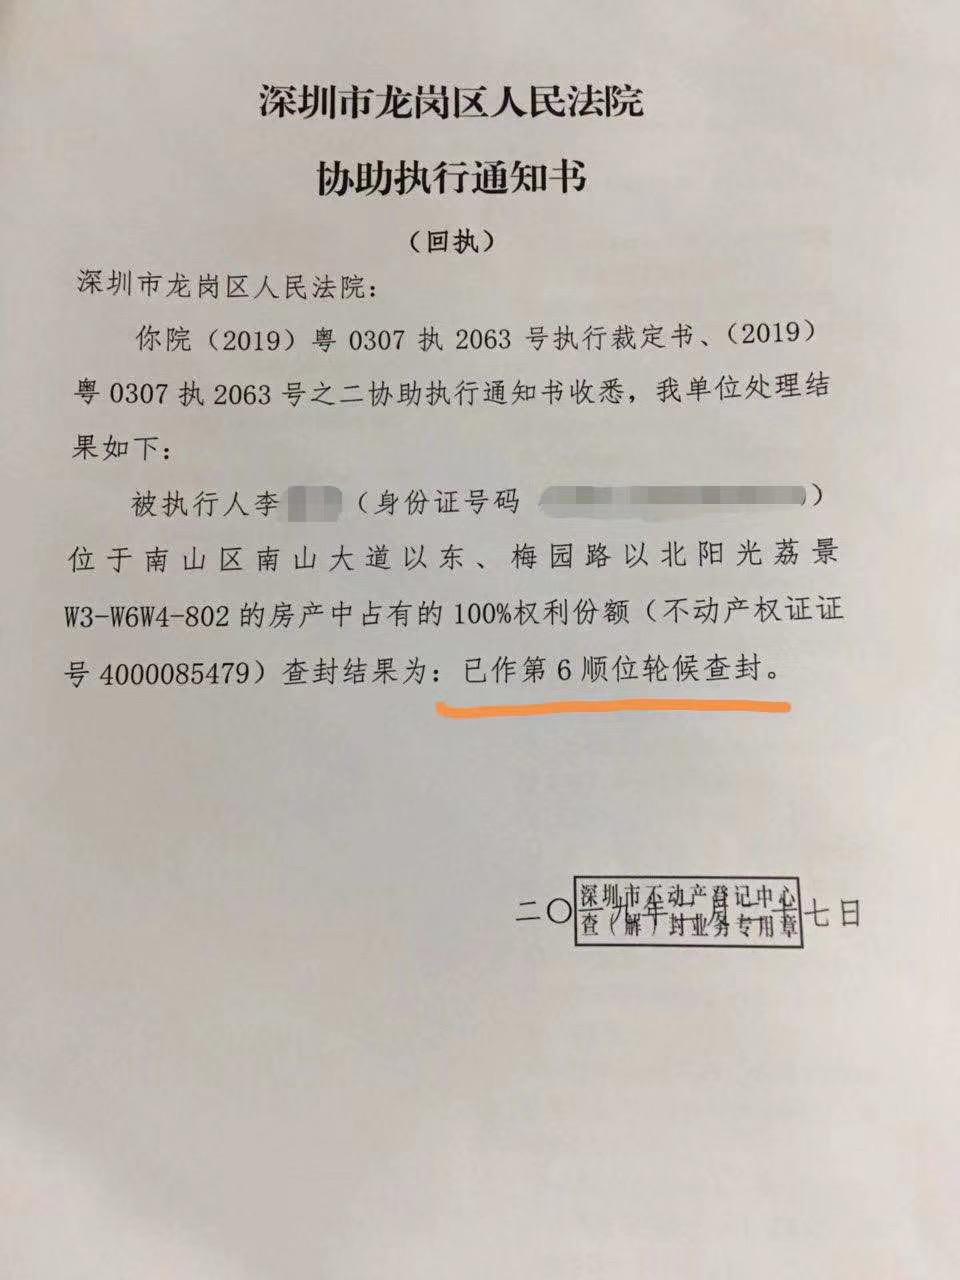 2020-12  查封輪候通知.jpg